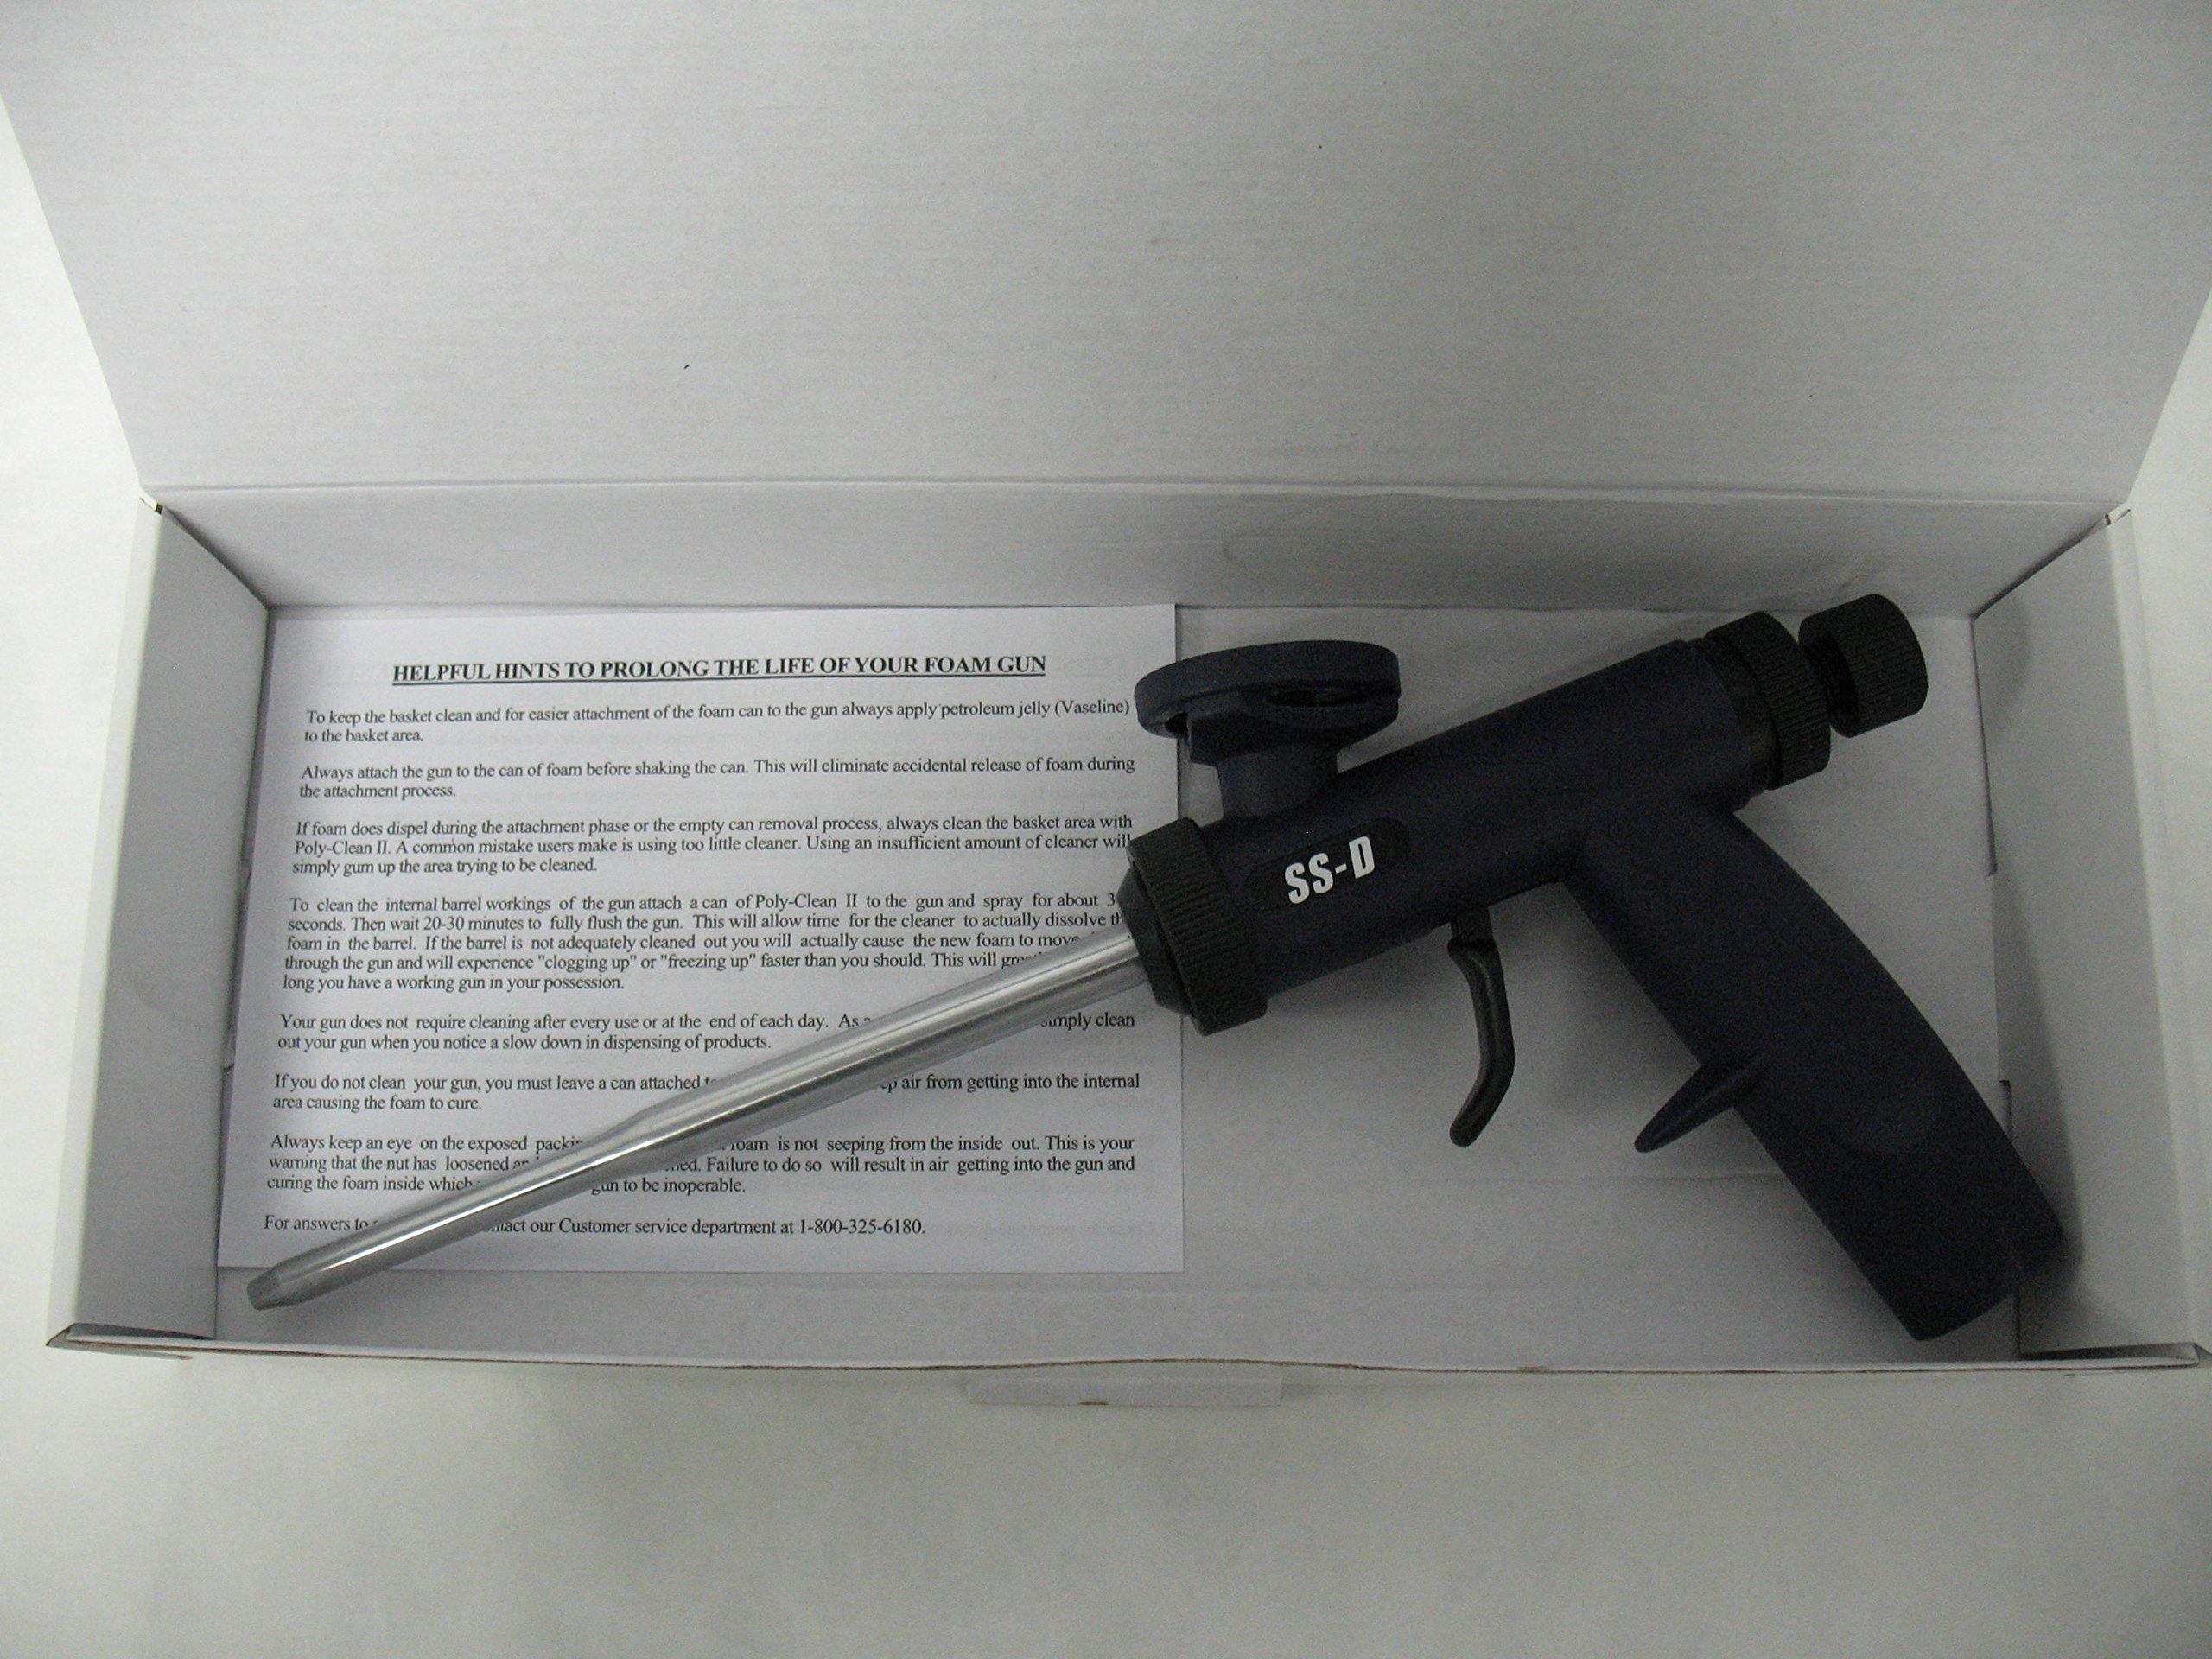 Touch 'n Seal Metal Barrel Sharpshooter D Adjustable Output PU Foam Gun, Home Improvement Tool